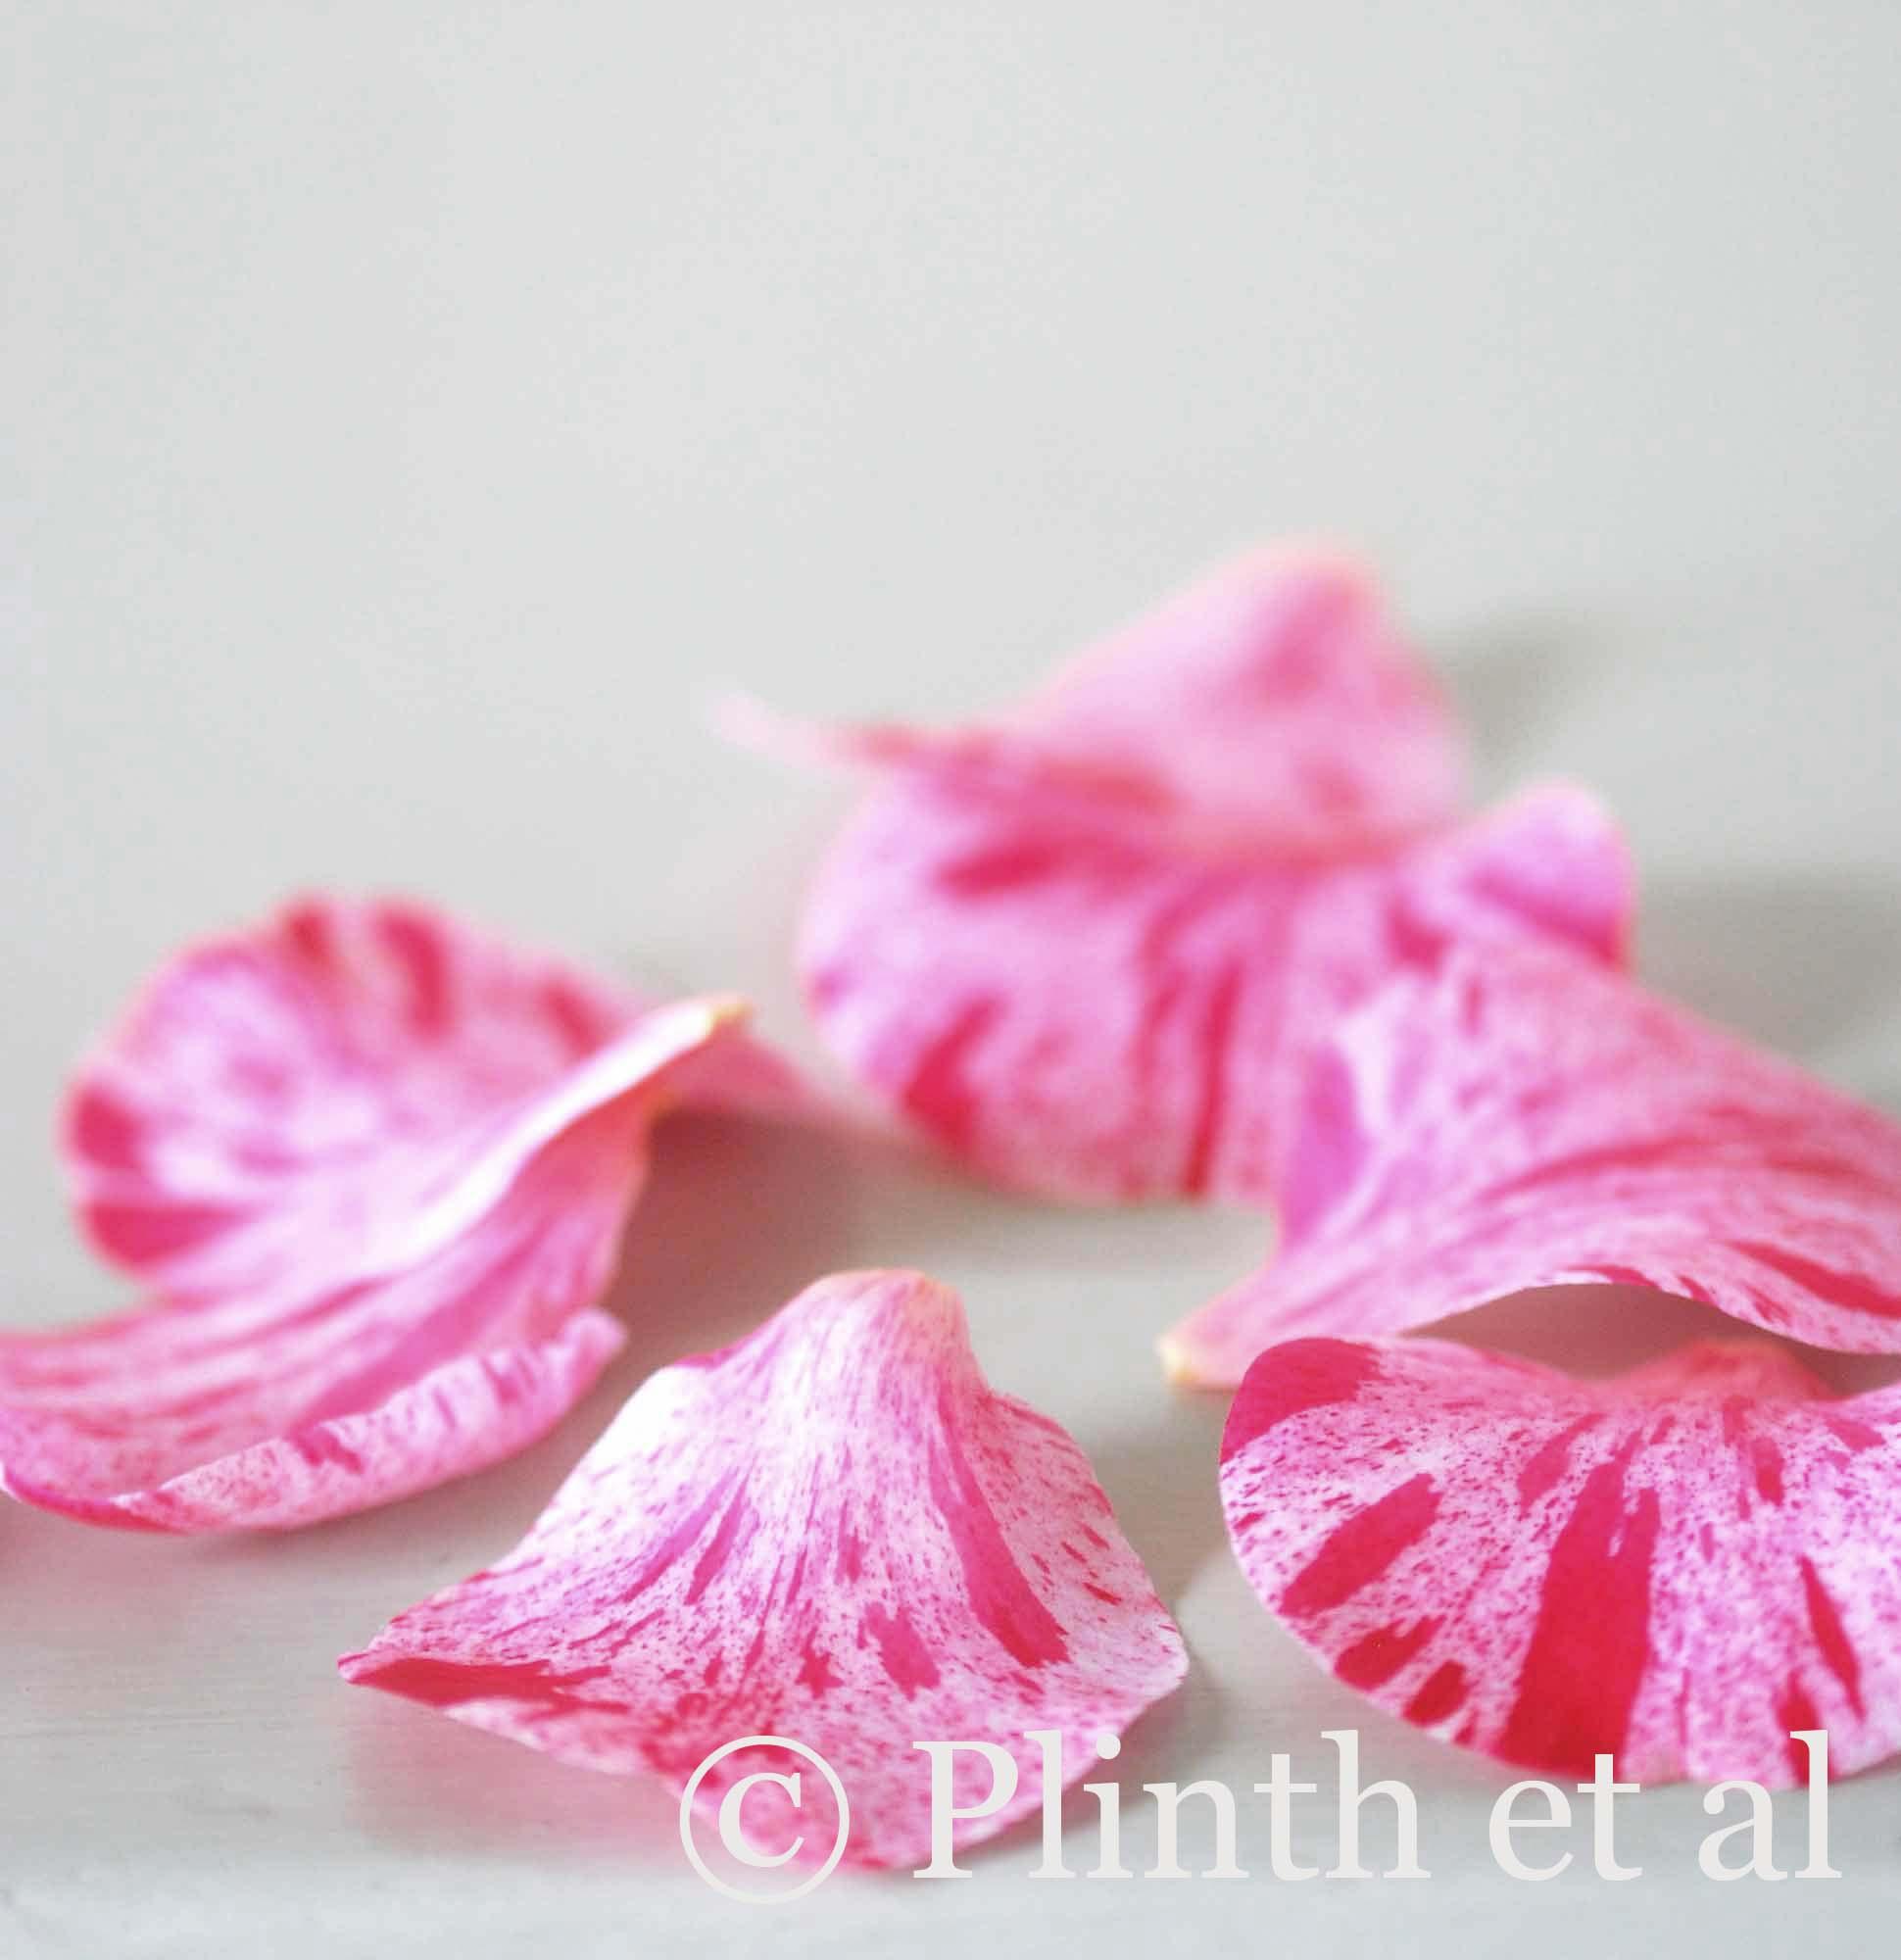 fallen-striped-camellia-petals-close-up-lq1.jpg